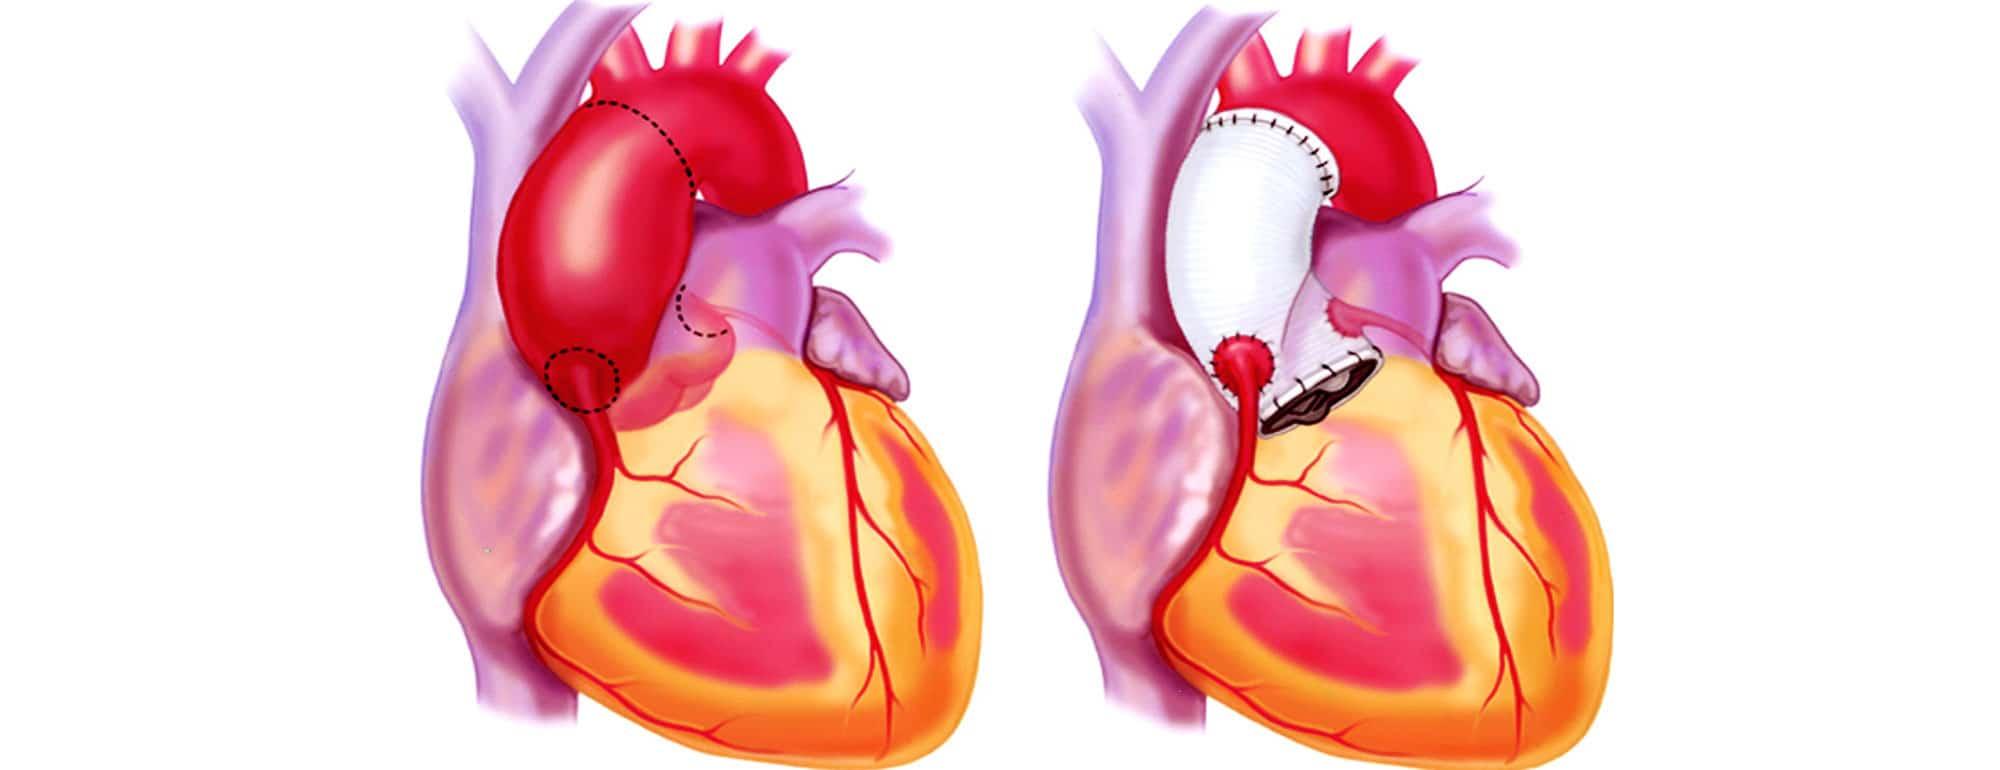 Τι είναι το ανεύρυσμα καρδιάς; Που οφείλεται;